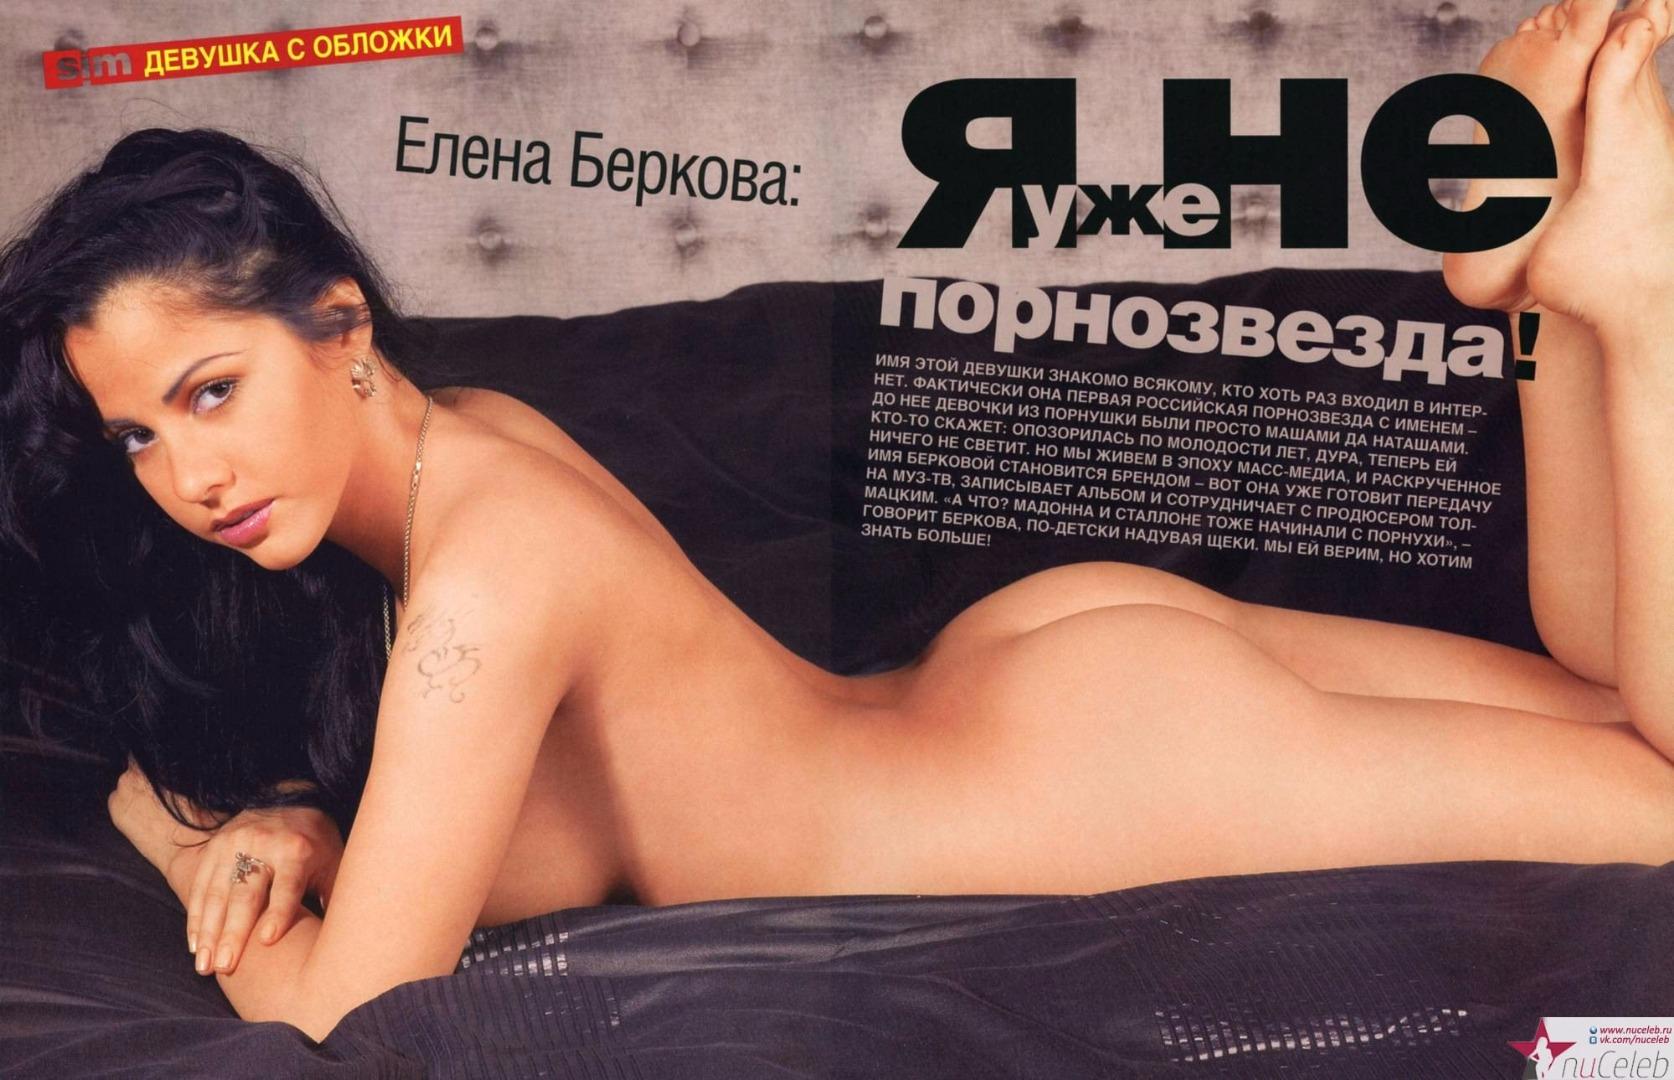 новая эротическая фотосессия елены берковой